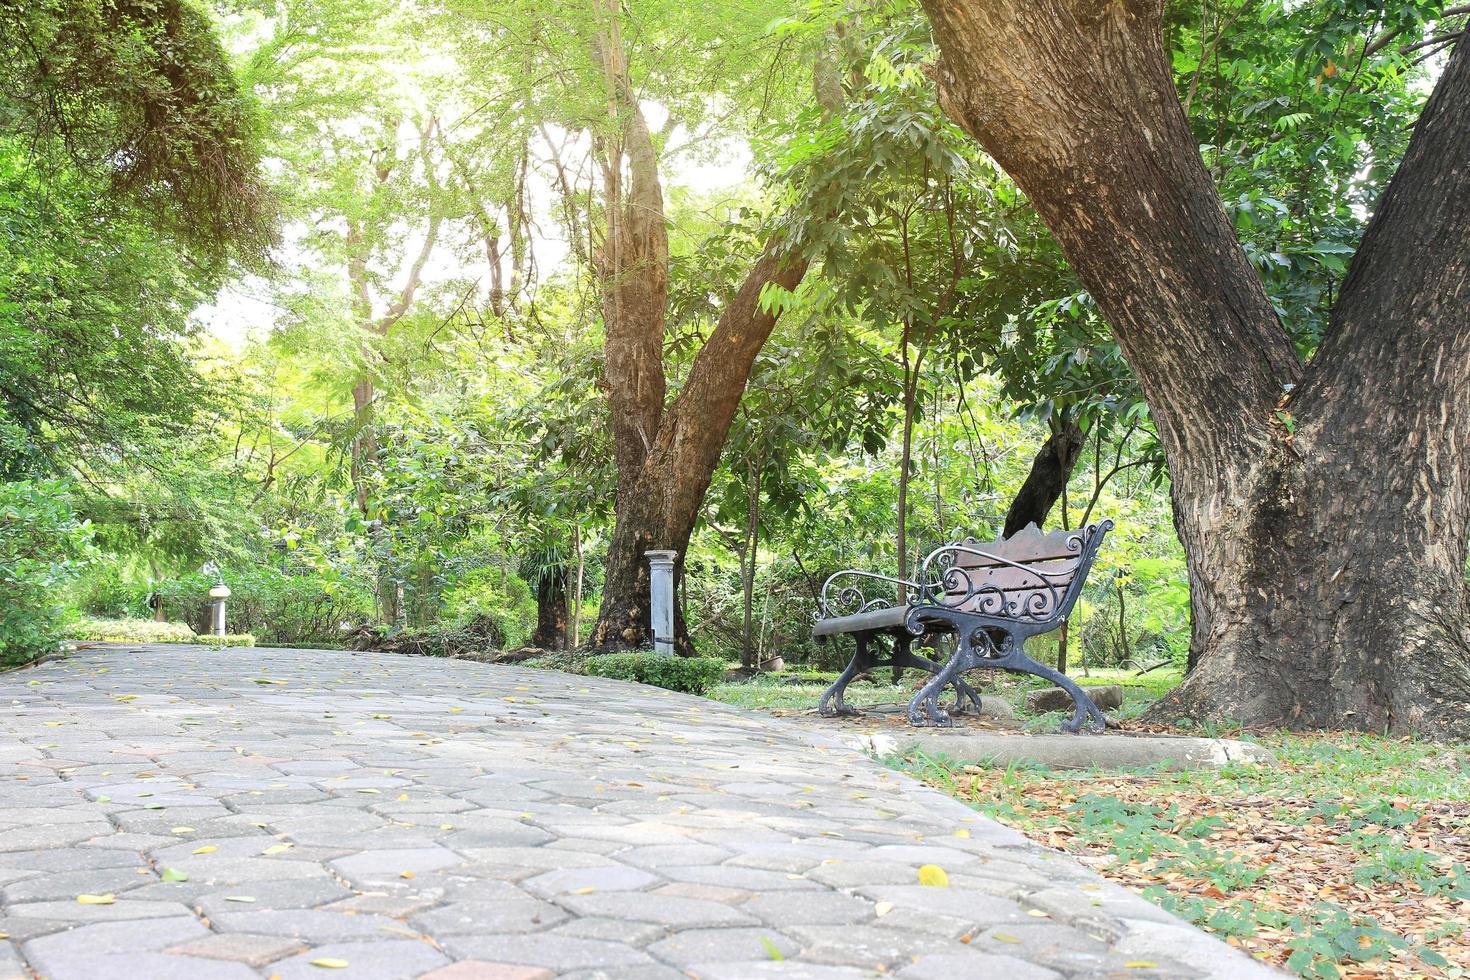 bankje in openbaar park foto